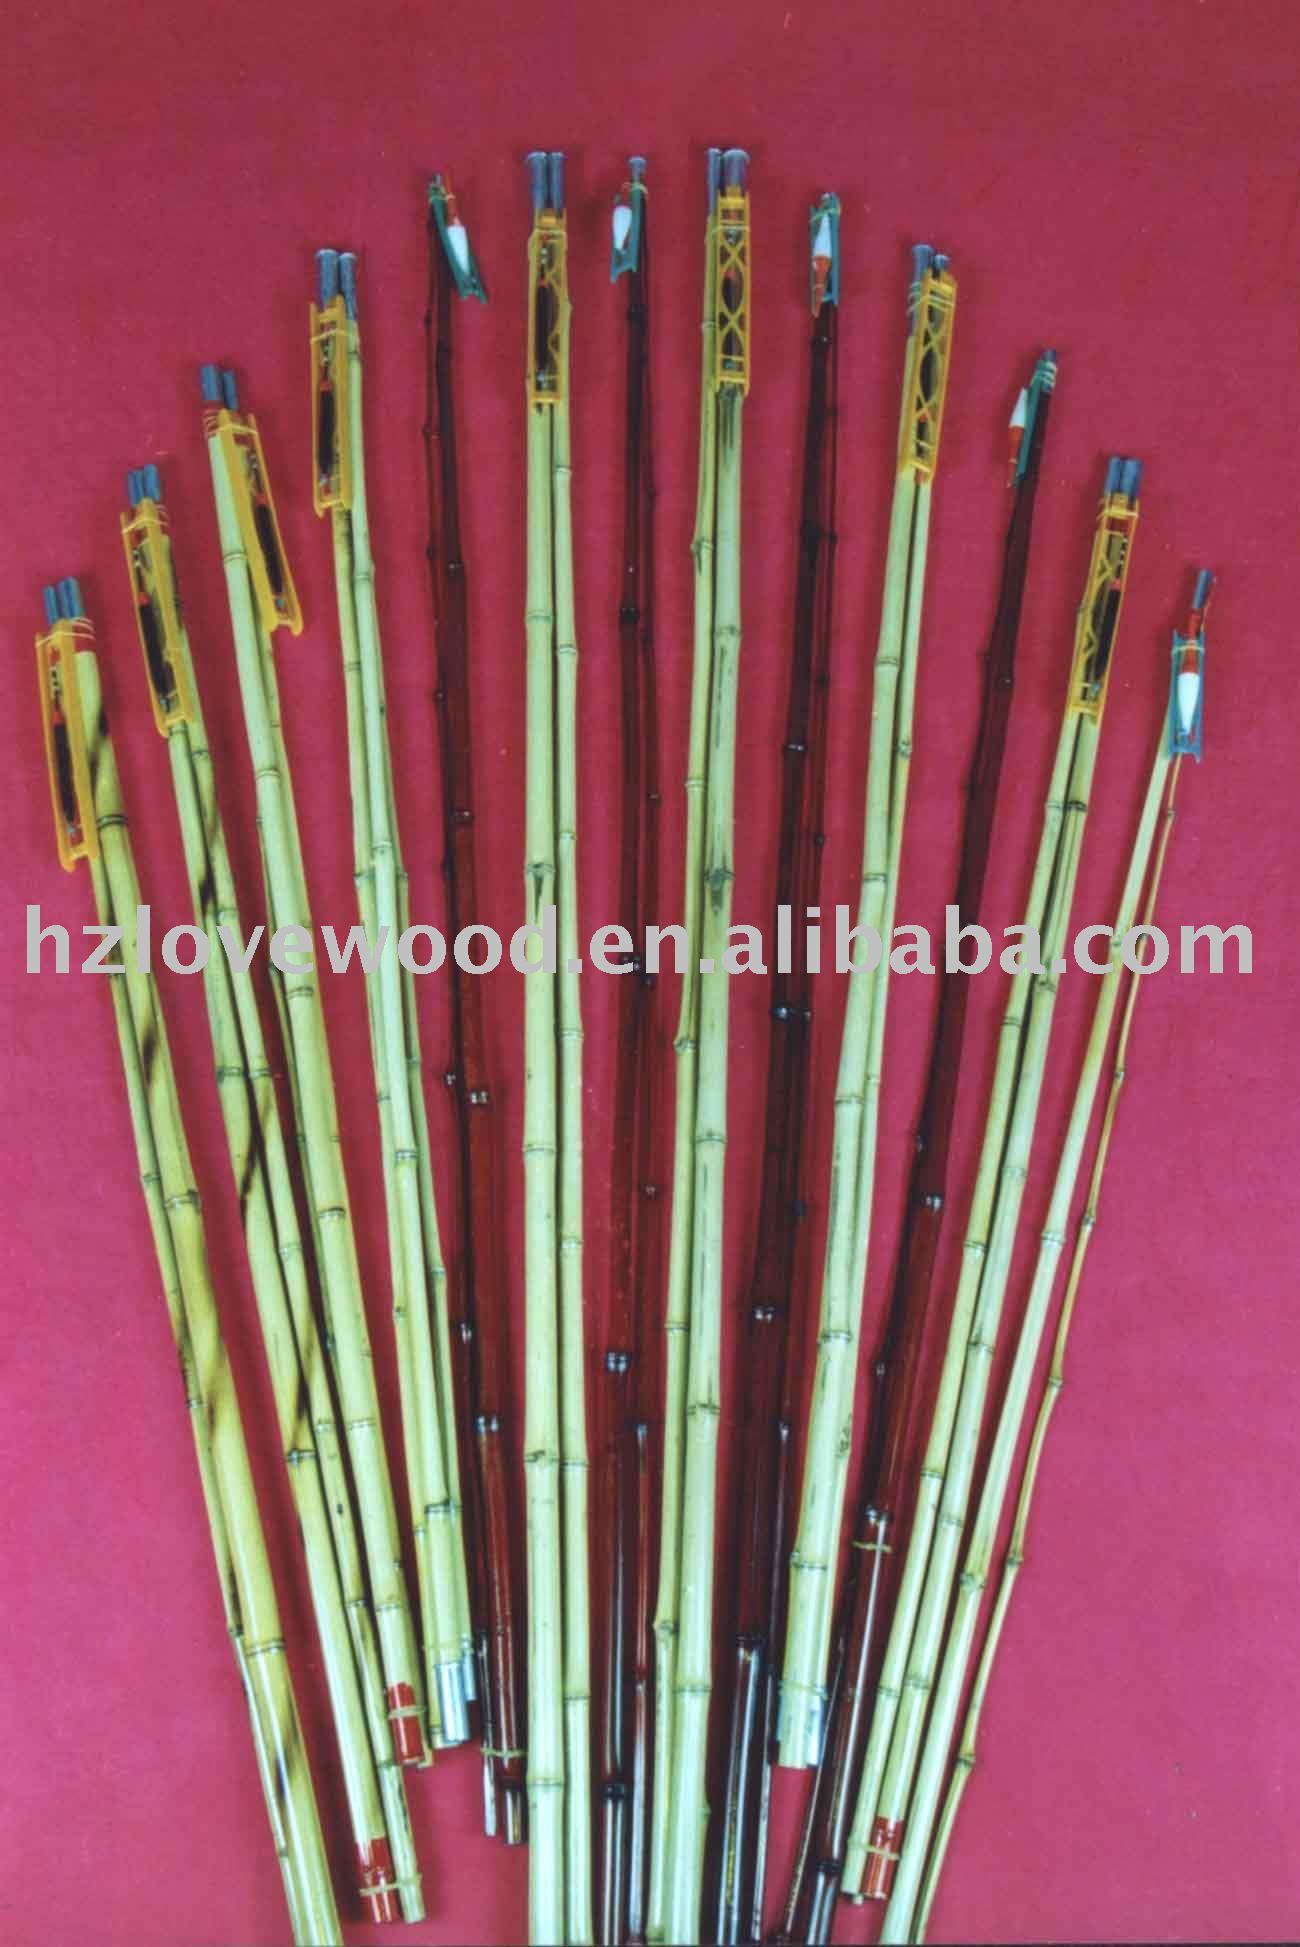 найти бамбуковую удочку